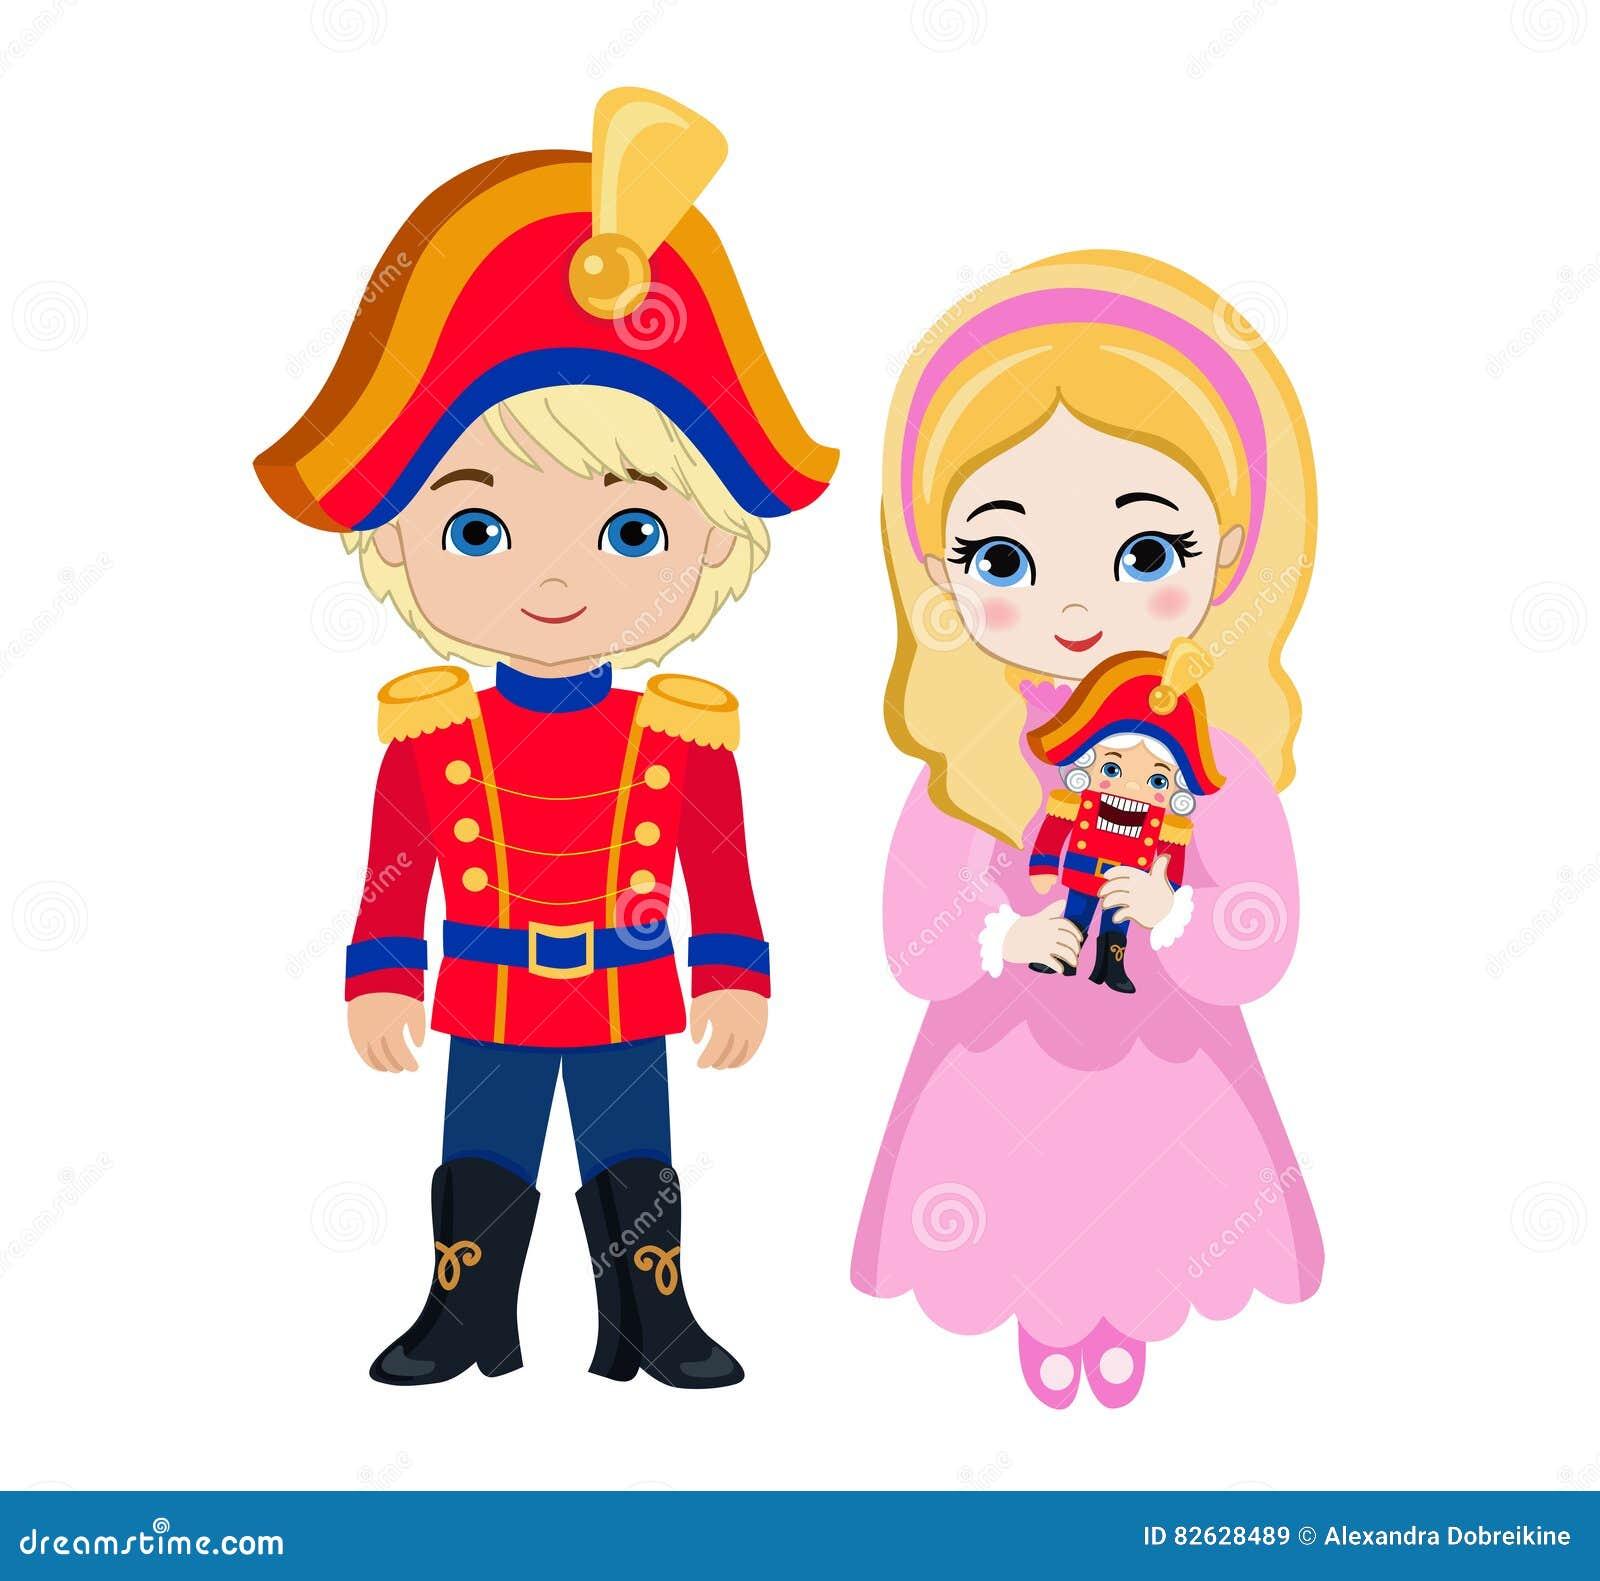 ilustra u00e7 u00e3o do pr u00edncipe muito bonito e da princesa que est u00e1 nutcracker ballet clara clipart Clara Nutcracker Clip Art